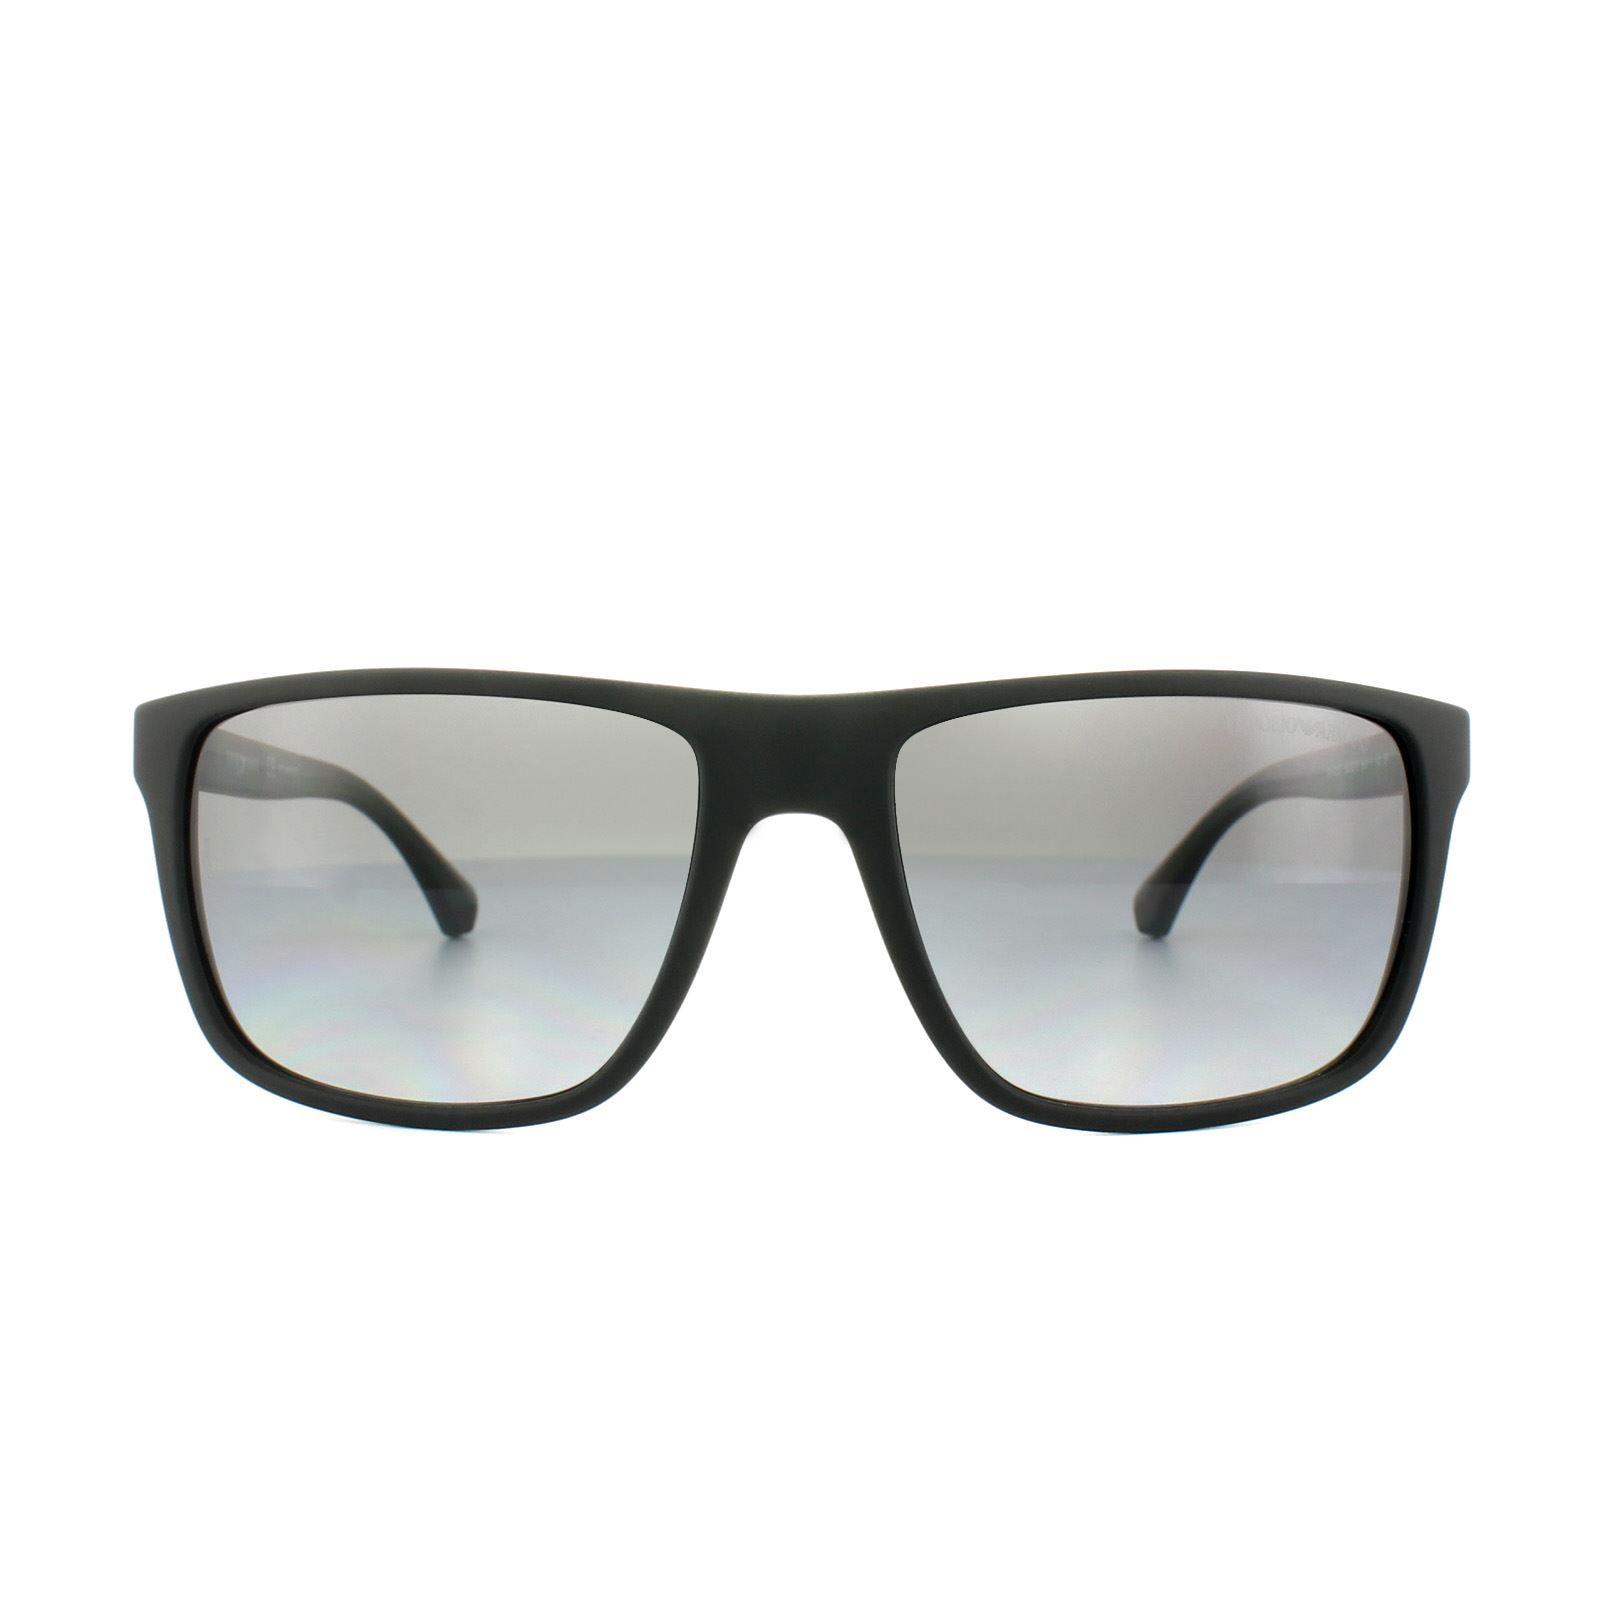 Emporio Armani Sunglasses 4033 5229T3 Black Grey Rubber Grey Gradient Polarized